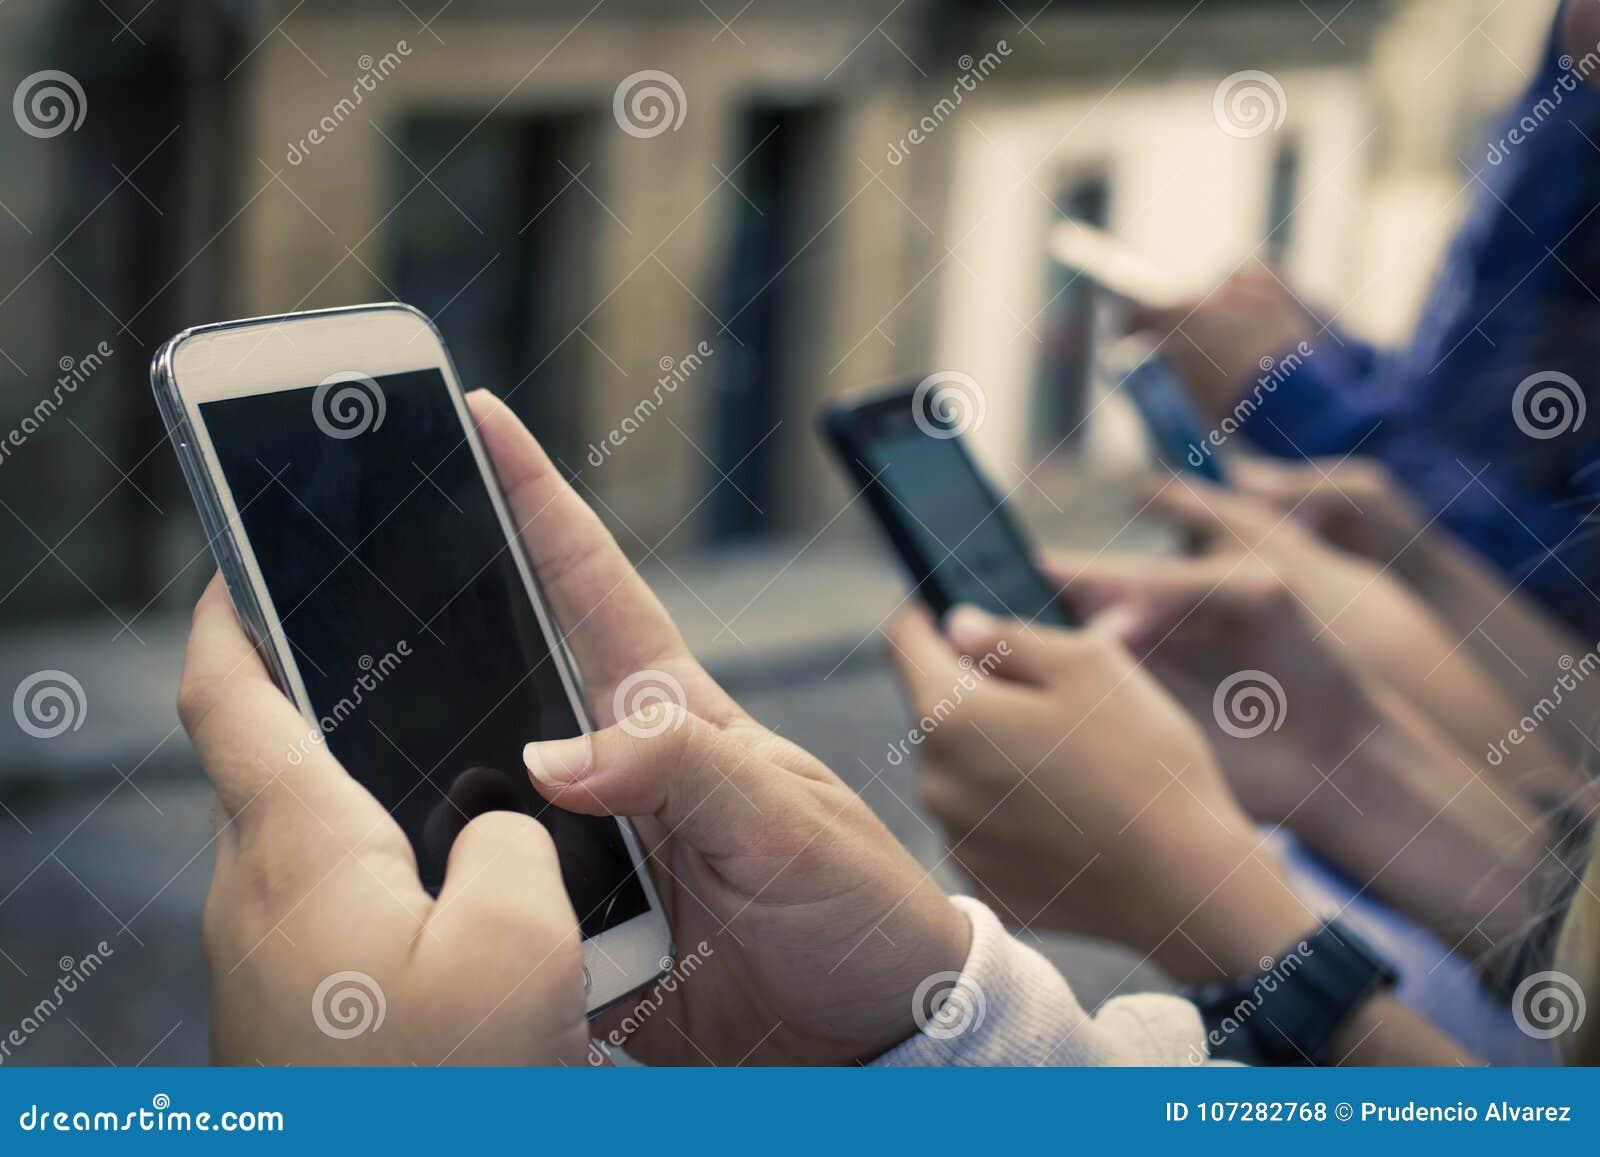 Grupo con los teléfonos móviles